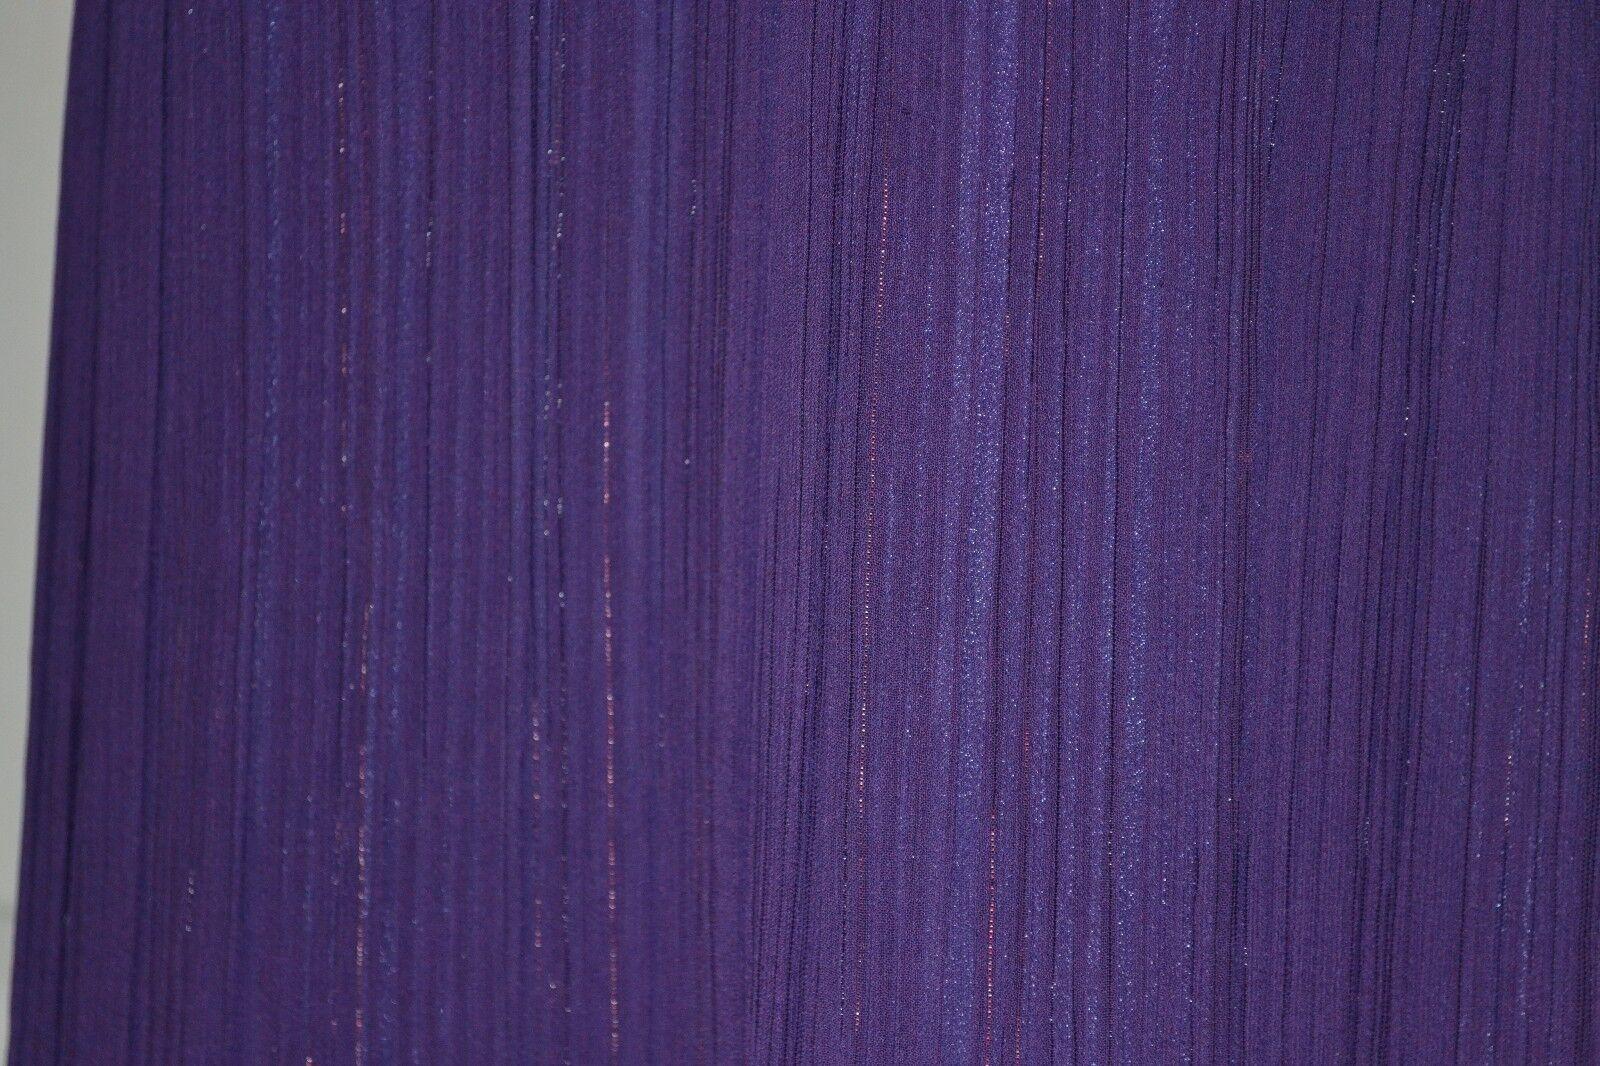 LYNDIA by Lyndia Procanik Procanik Procanik Metallic Shimmer Empire Waist Dress Sz 8 New 123e39